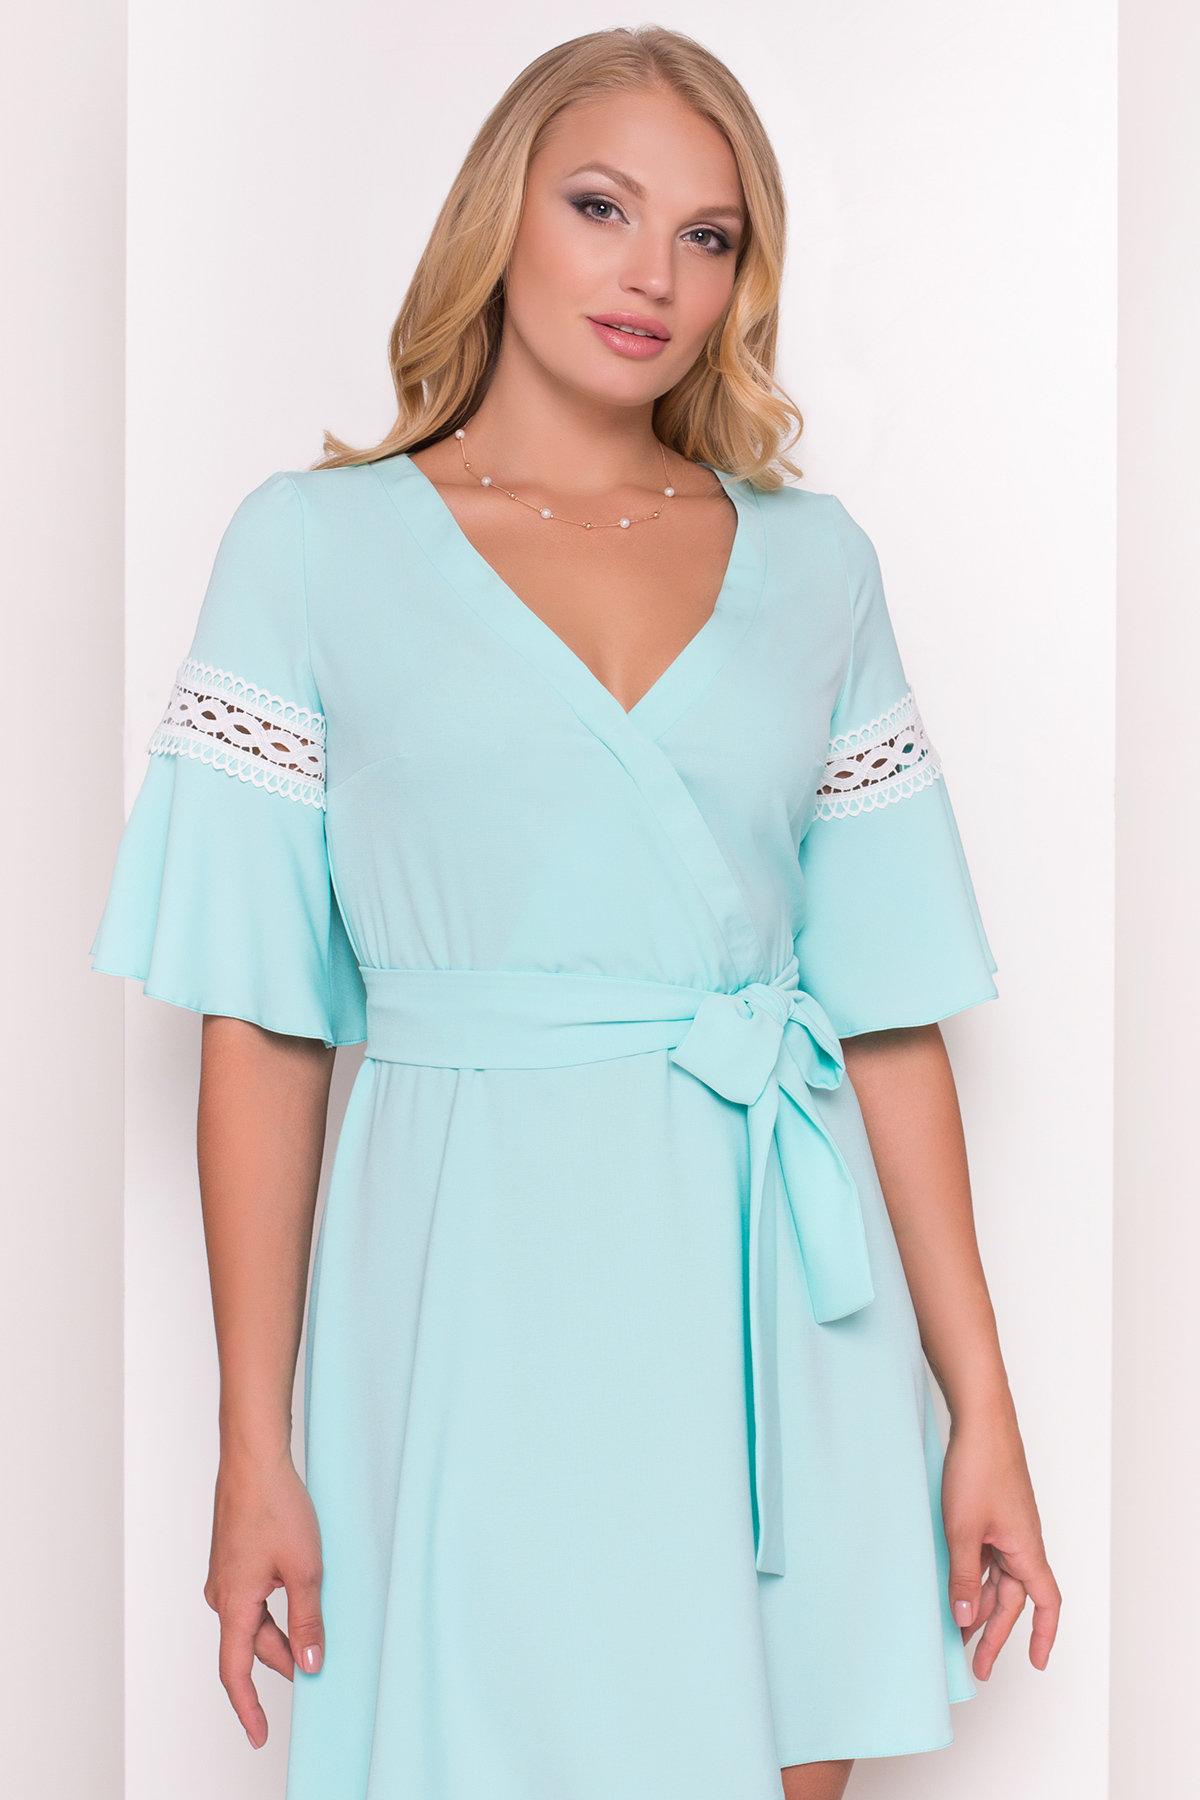 Платье Аделина Donna 5026 АРТ. 35524 Цвет: Мята - фото 3, интернет магазин tm-modus.ru